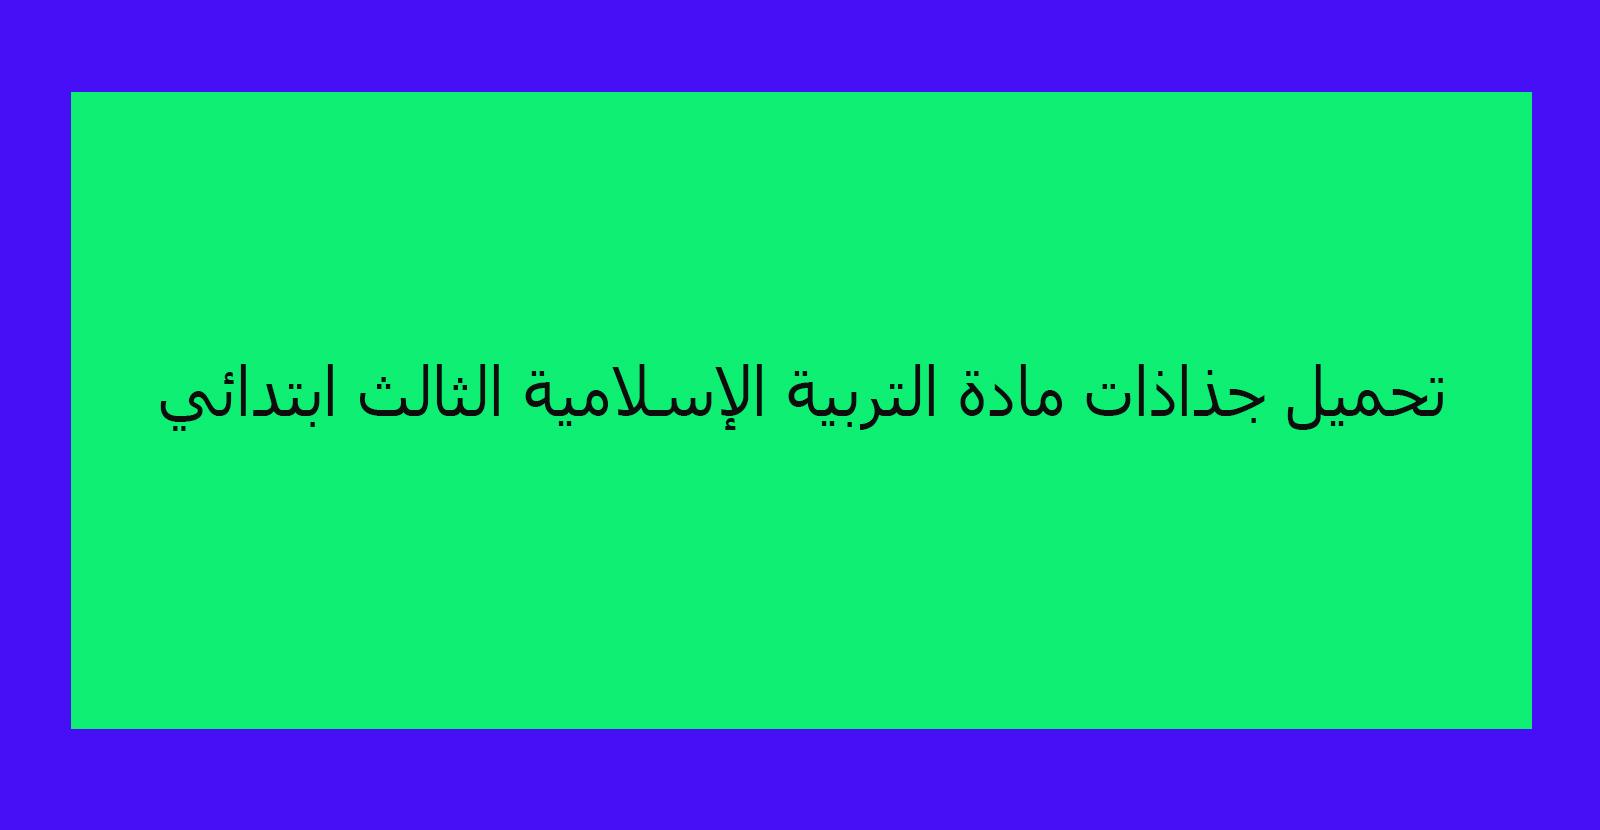 تحميل جذاذات مادة التربية الإسلامية الثالث ابتدئي